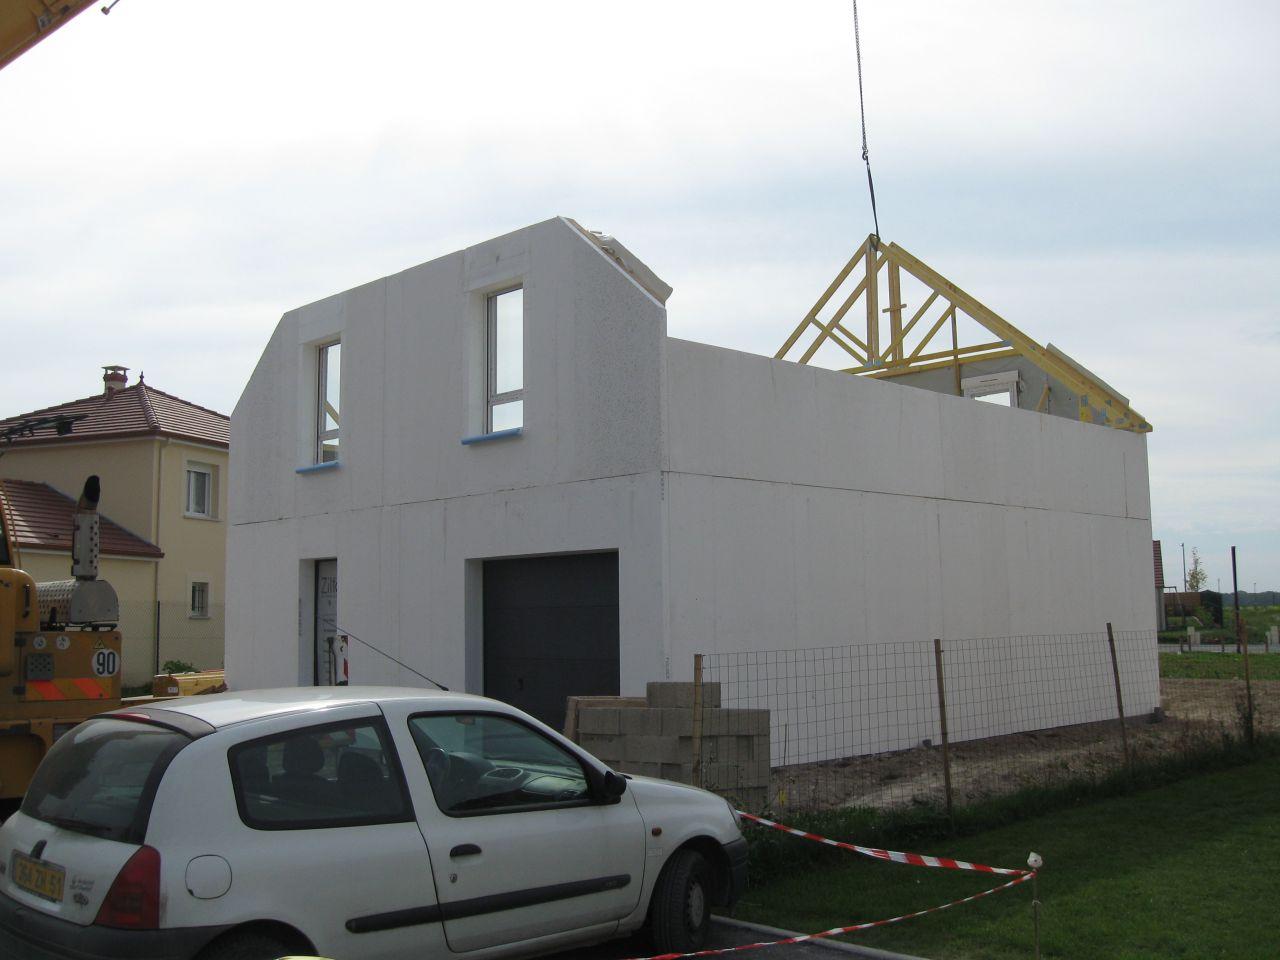 étage monté, début de la toiture